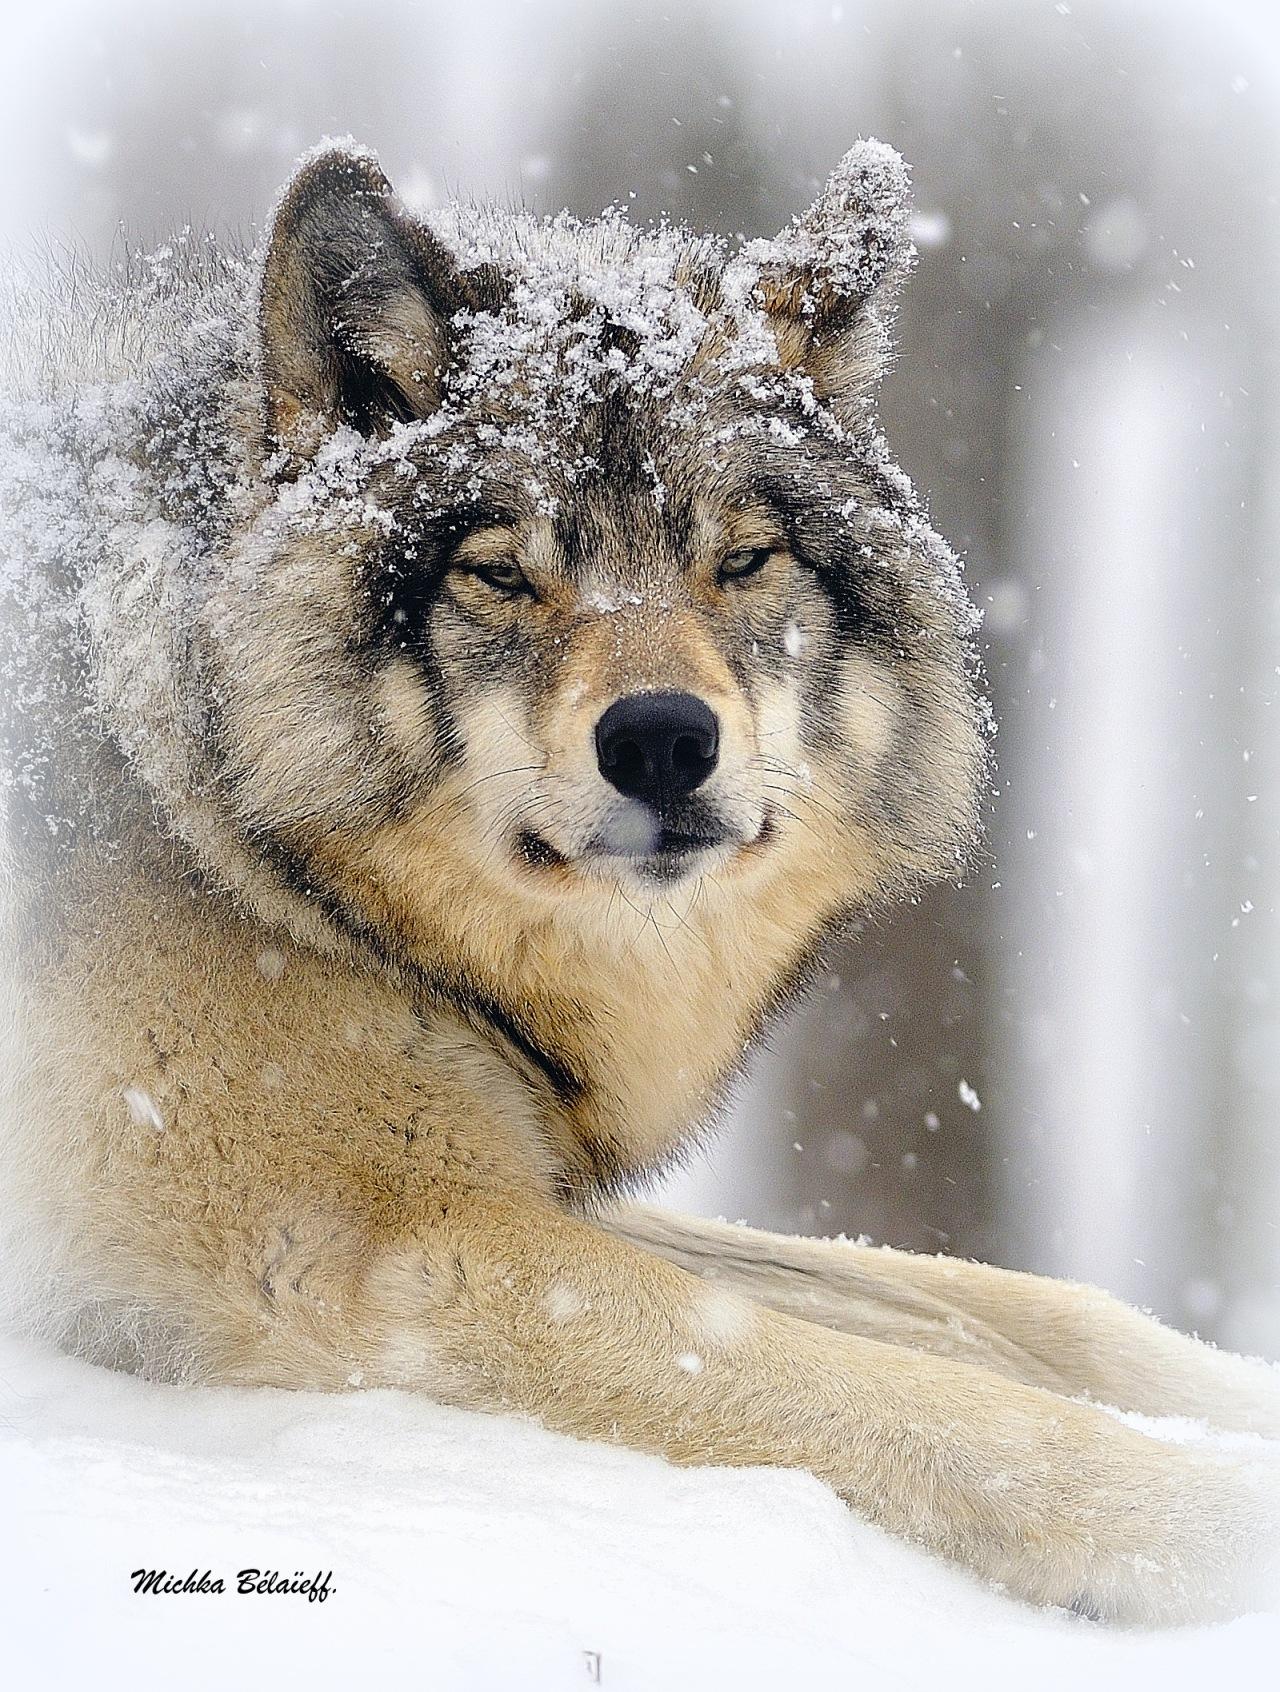 Le loup d'Amérique.  The wolf ofAmerica.